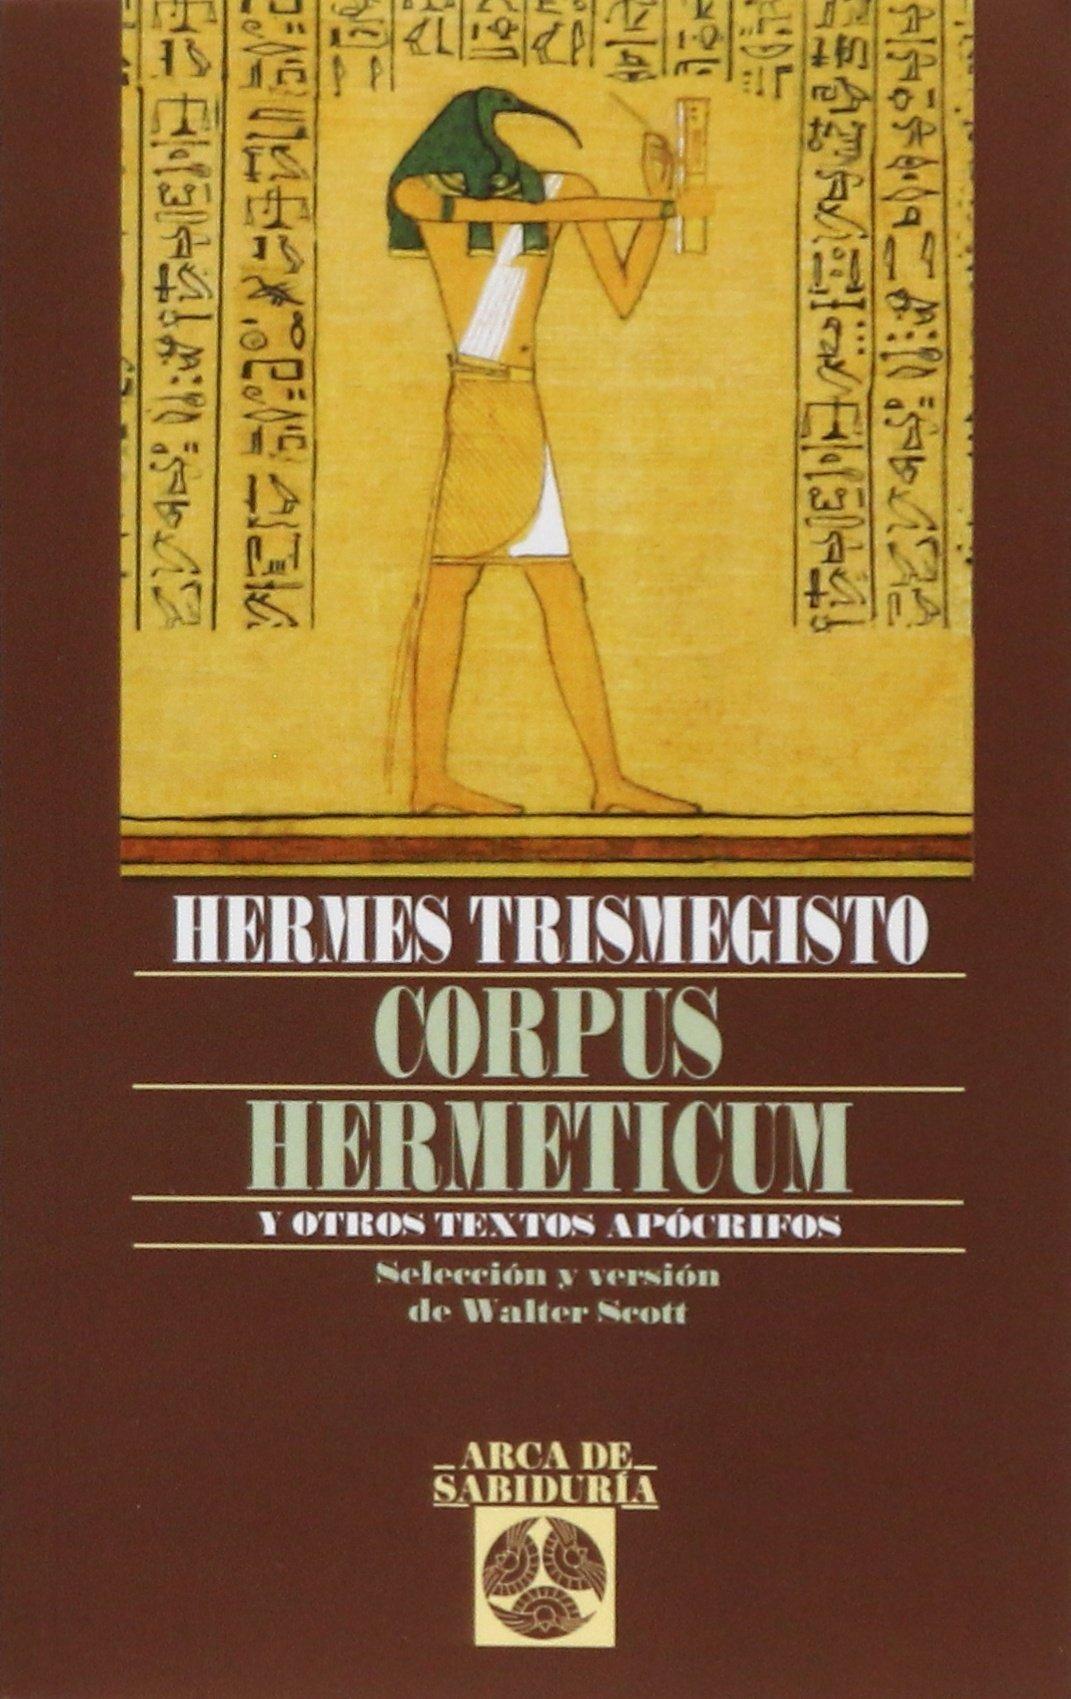 Corpus Hermeticum Y Otros Textos Apocrif Arca de Sabiduría: Amazon.es:  Hermes [Atribuido a] Trismegisto, Walter Scott, Manuel Algora: Libros